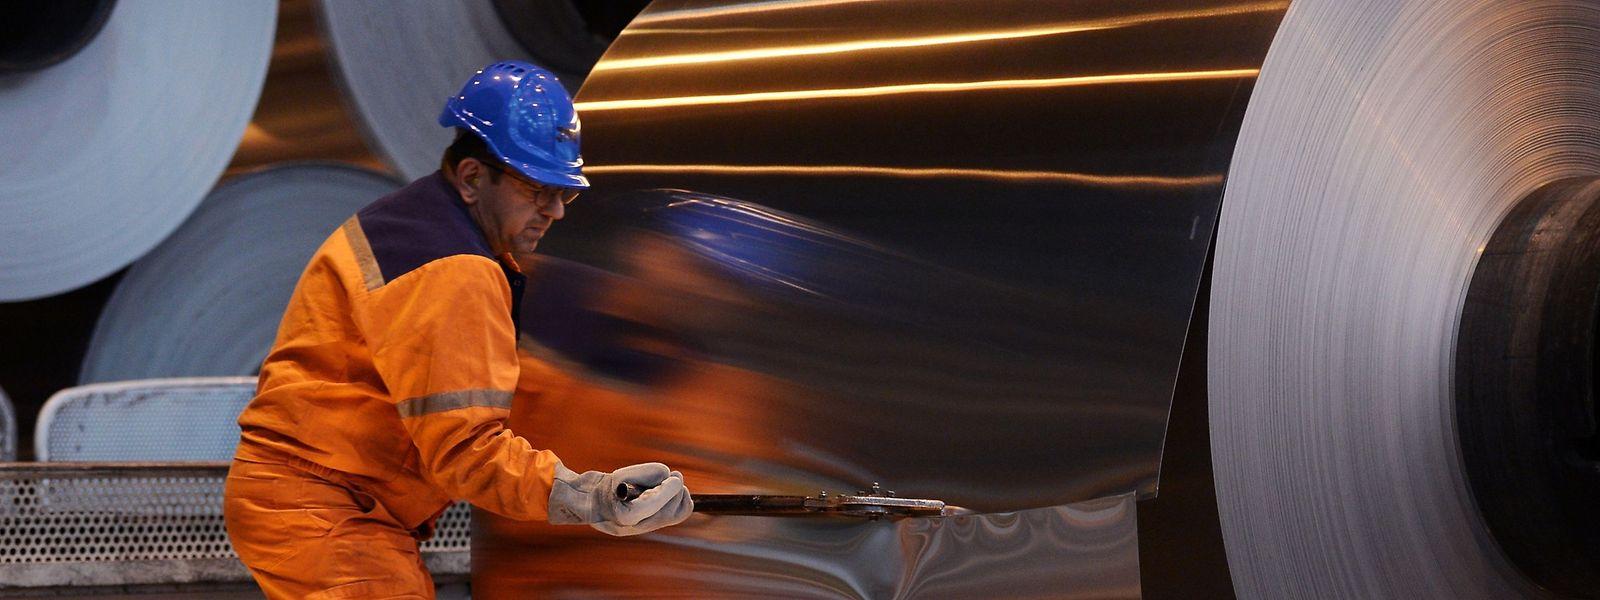 Les Européens exportent environ 5 milliards d'euros d'acier et 1 milliard d'euros d'aluminium chaque année vers les Etats-Unis.